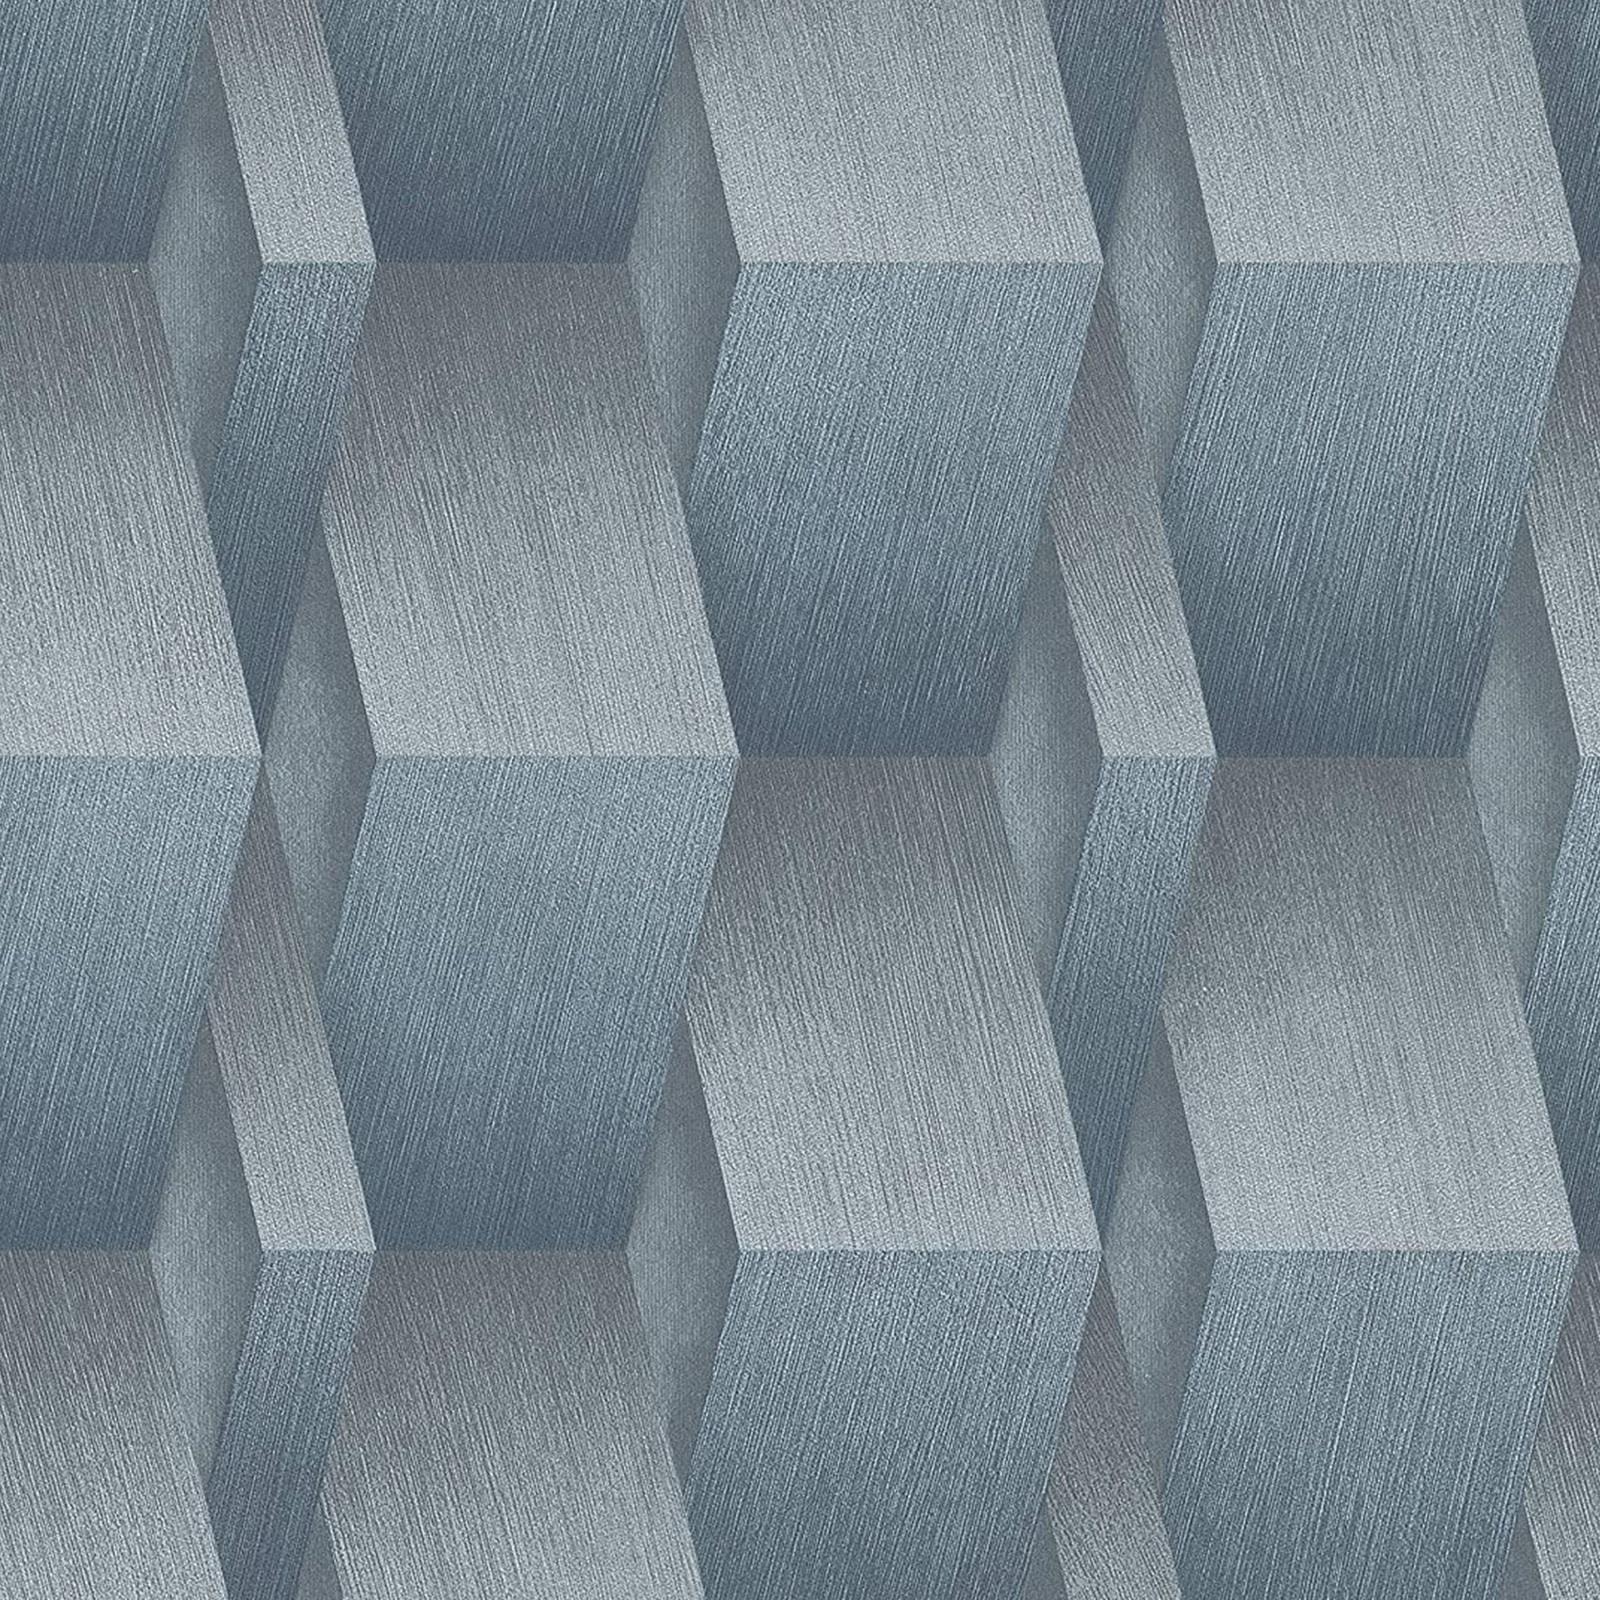 Erismann 3d Effect Geometric Textured Wallpaper Paste The Wall Blue 10046 08 4002790201199 Ebay